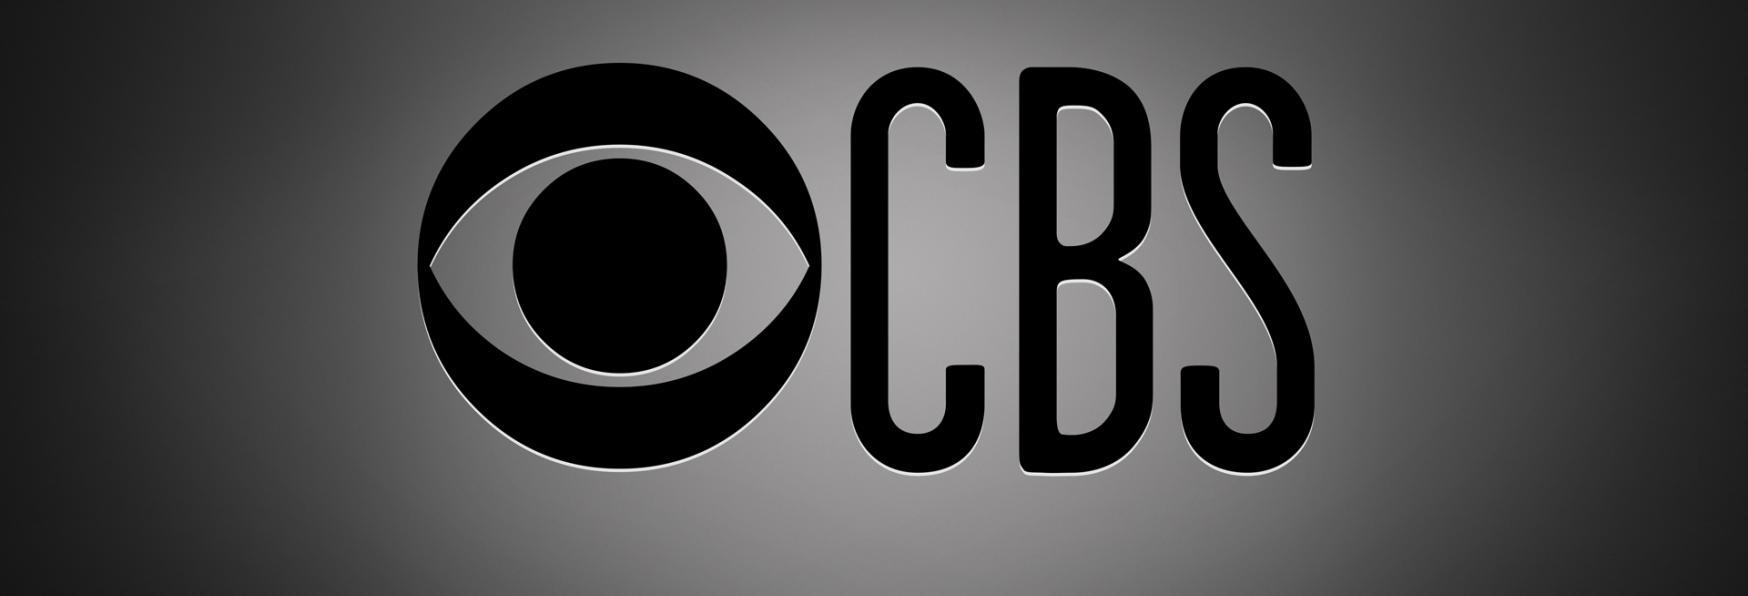 The Lincoln Lawyer: CBS rinuncia alla Serie TV Adattamento con Logan Marshall-Green